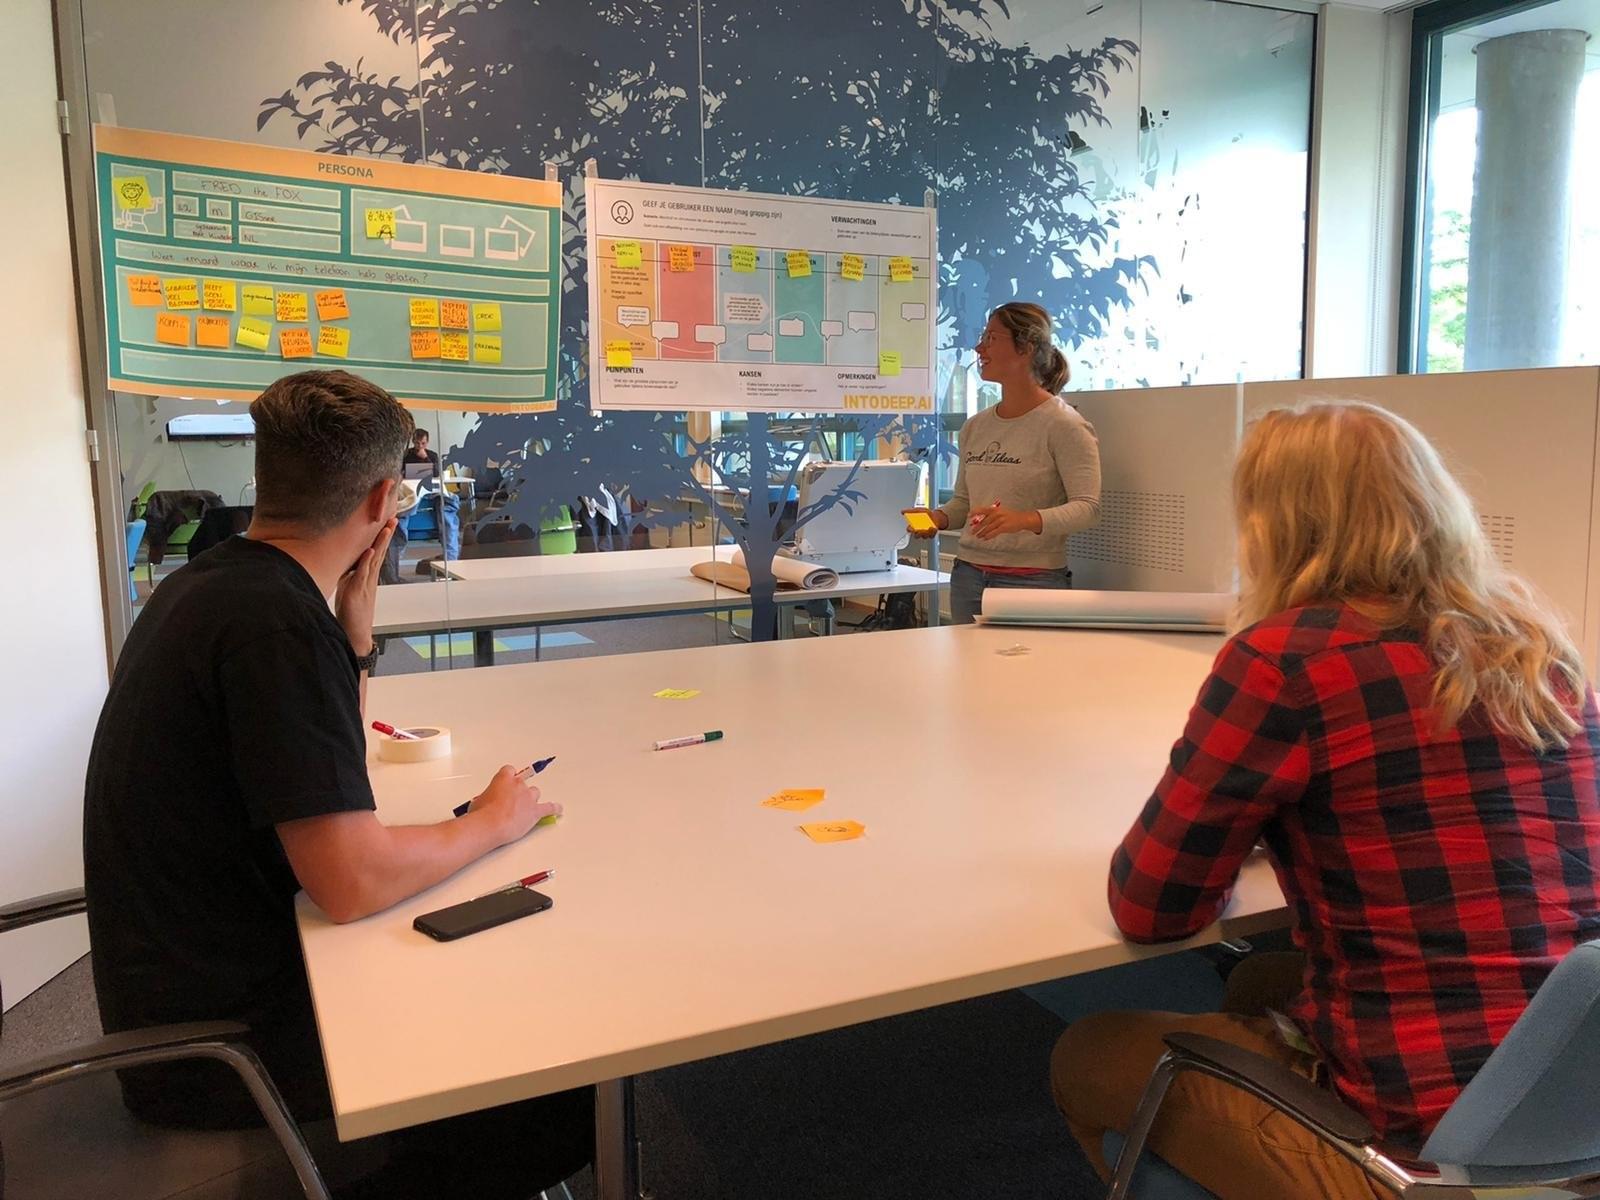 Projectmanagement1